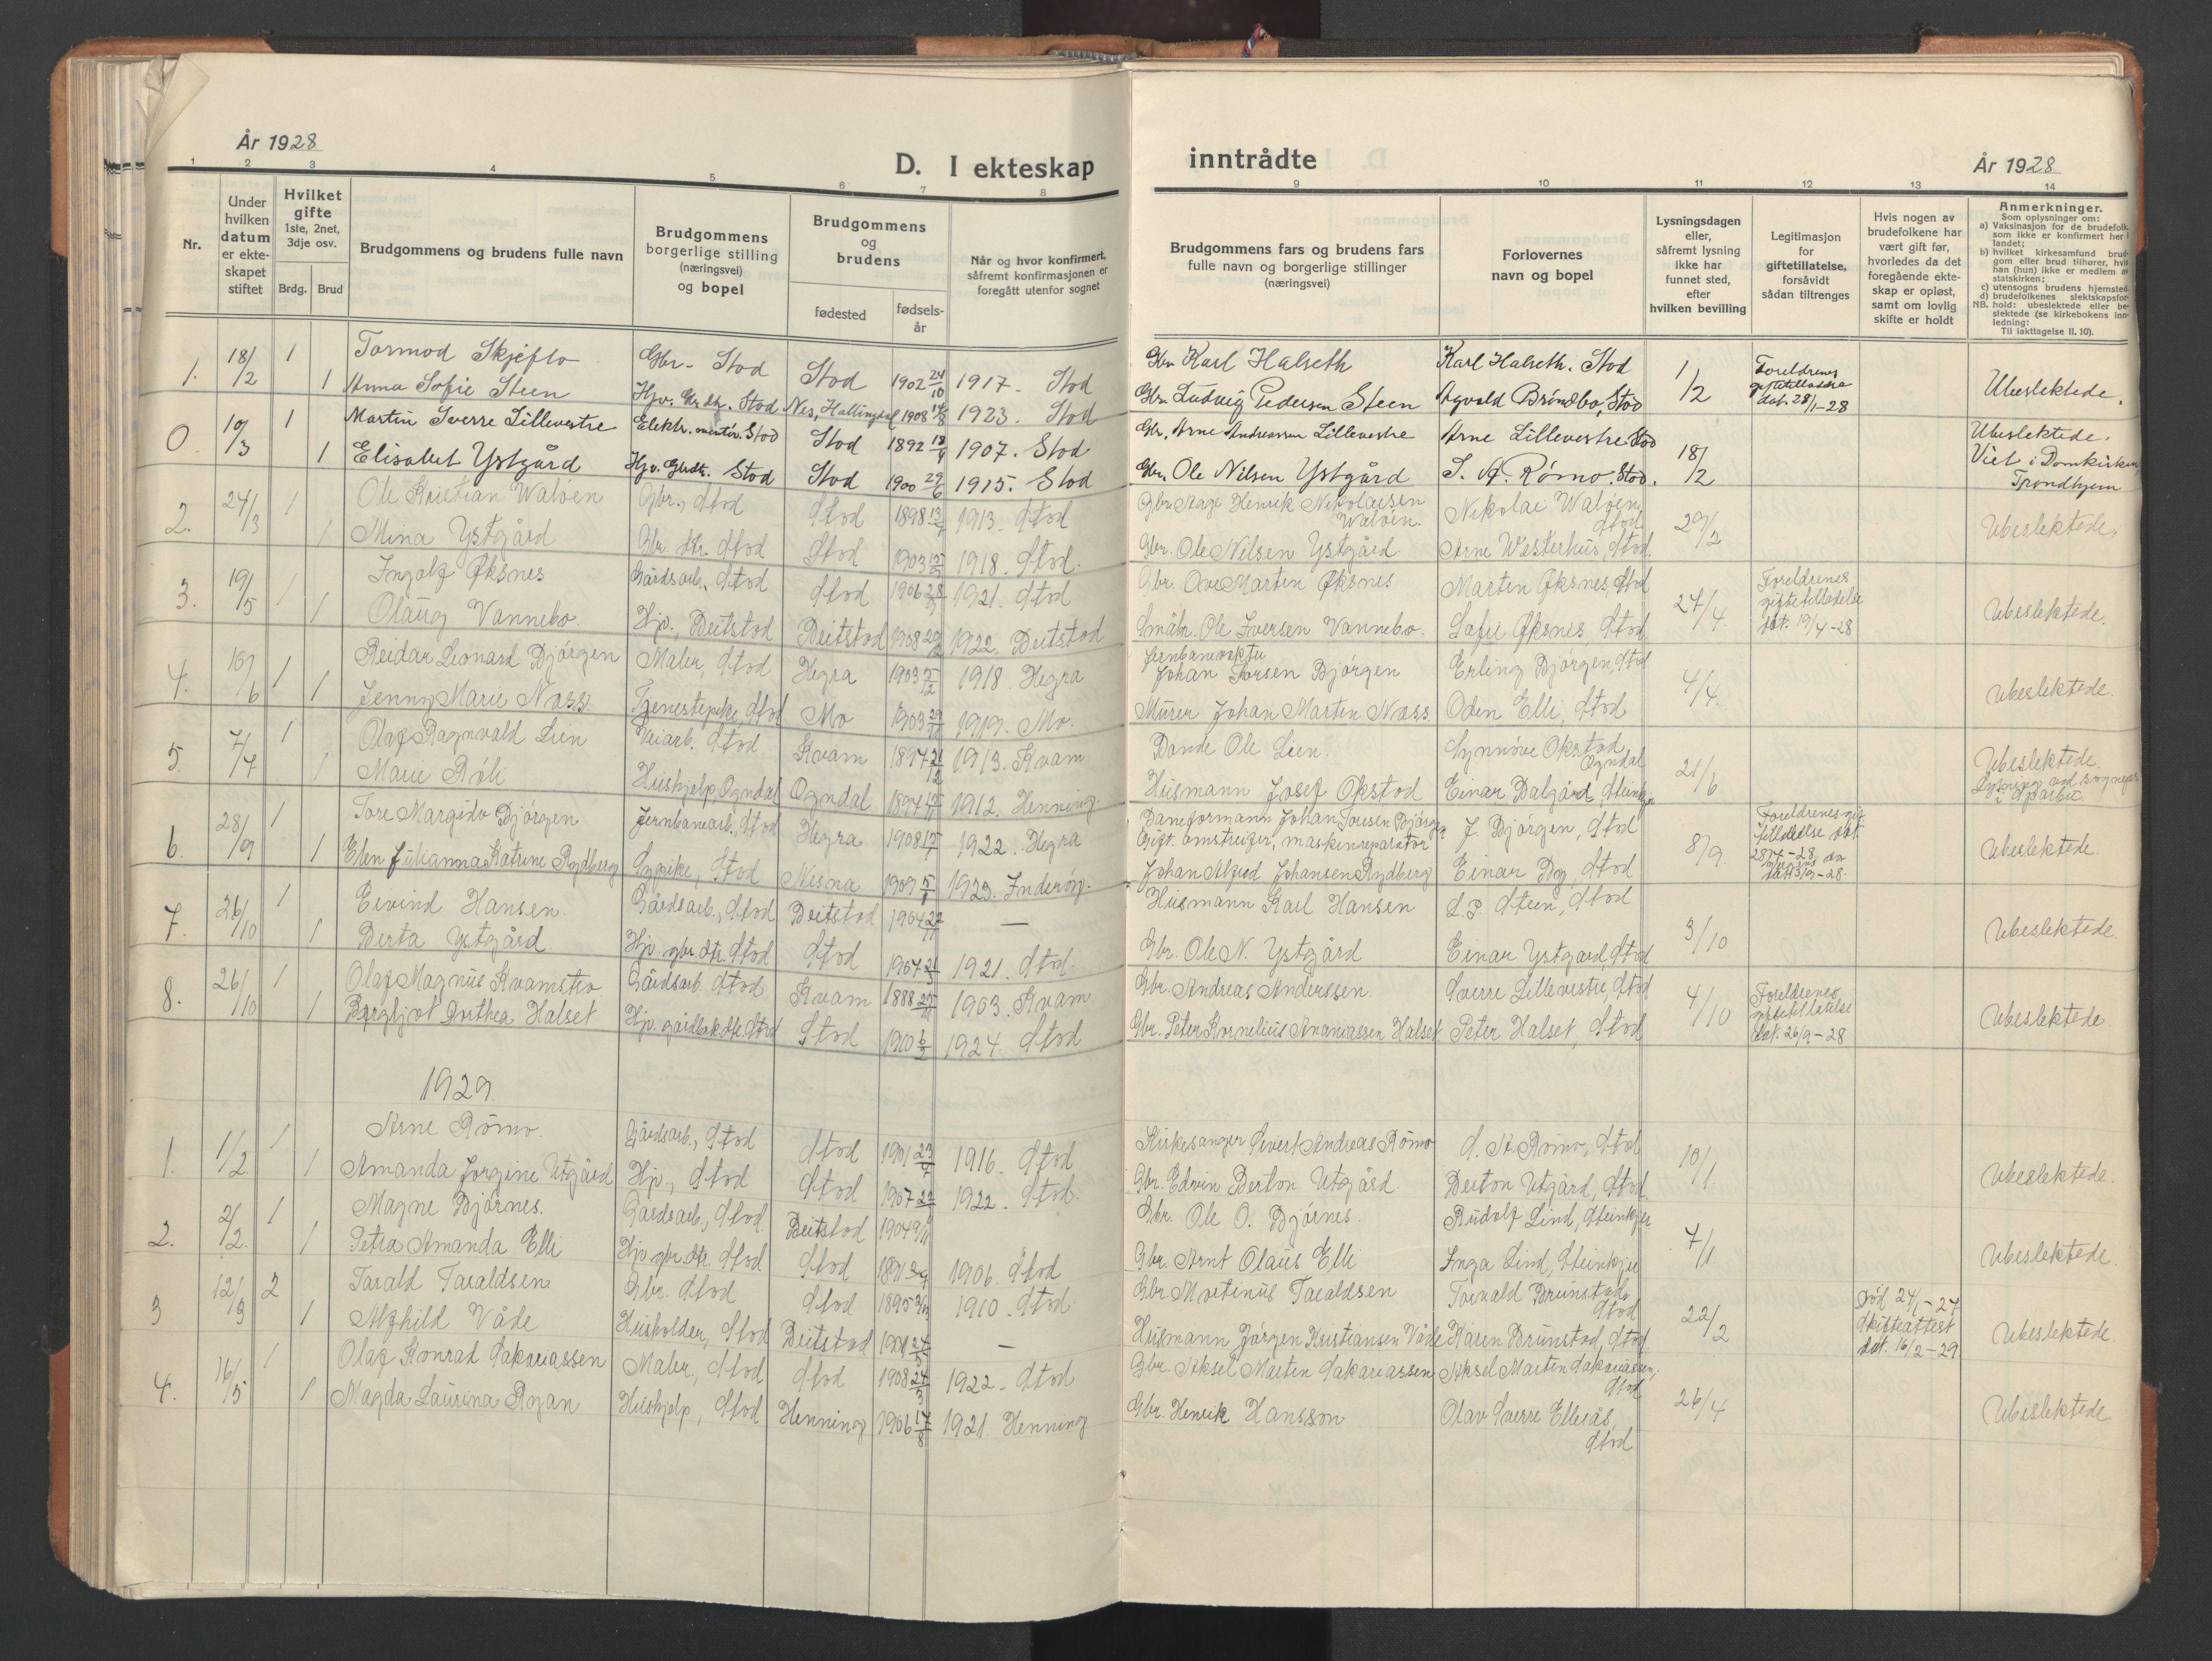 SAT, Ministerialprotokoller, klokkerbøker og fødselsregistre - Nord-Trøndelag, 746/L0455: Klokkerbok nr. 746C01, 1908-1933